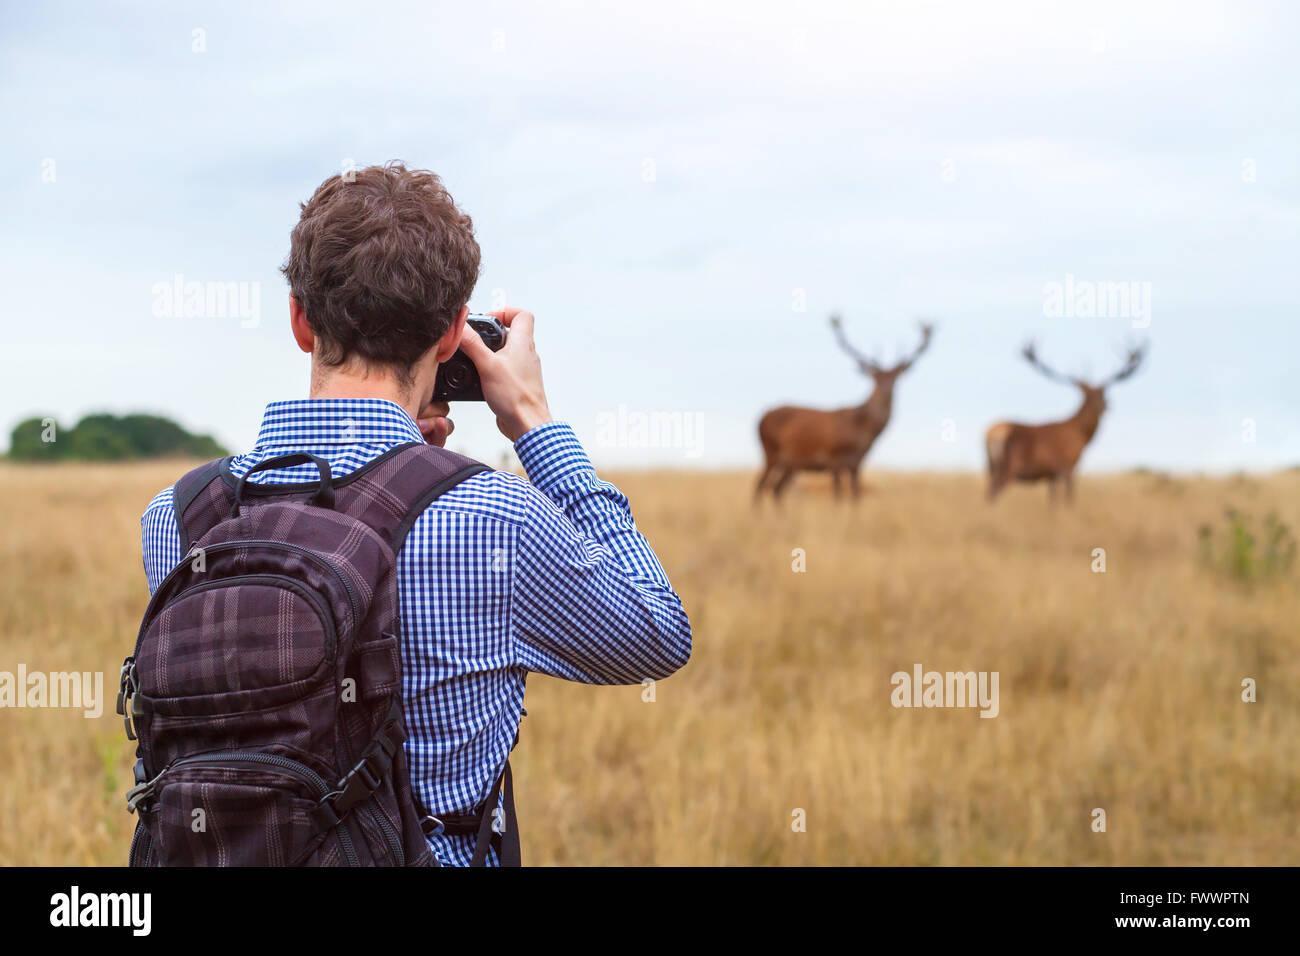 Fotografen Fotografieren von Wildtieren, Mann mit Kamera und zwei Hirsche in der Natur Stockbild